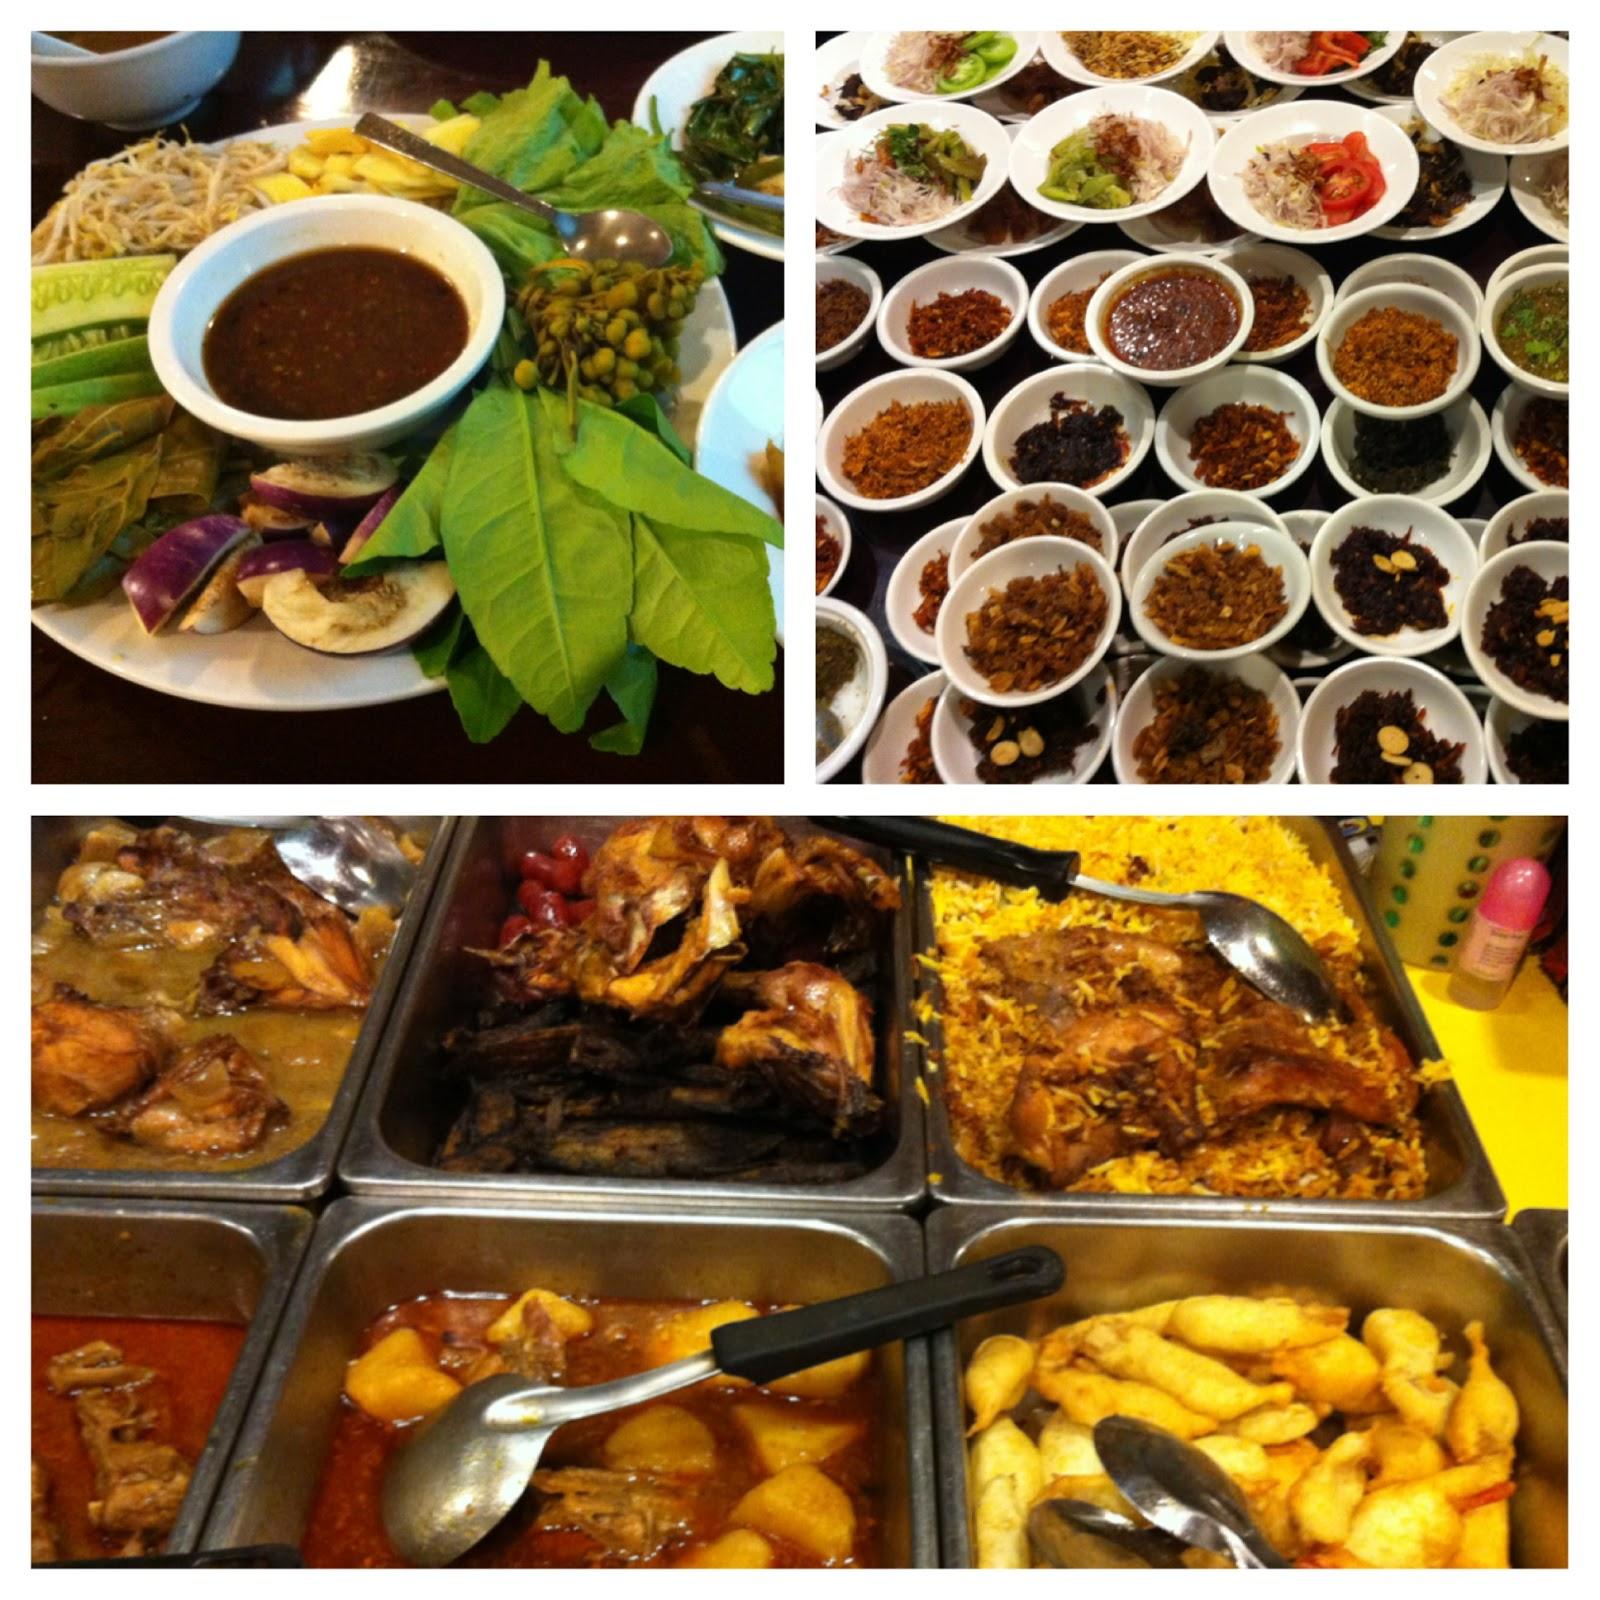 Heavenly Taste in Burma/Myanmar | On the Road to Mandalay